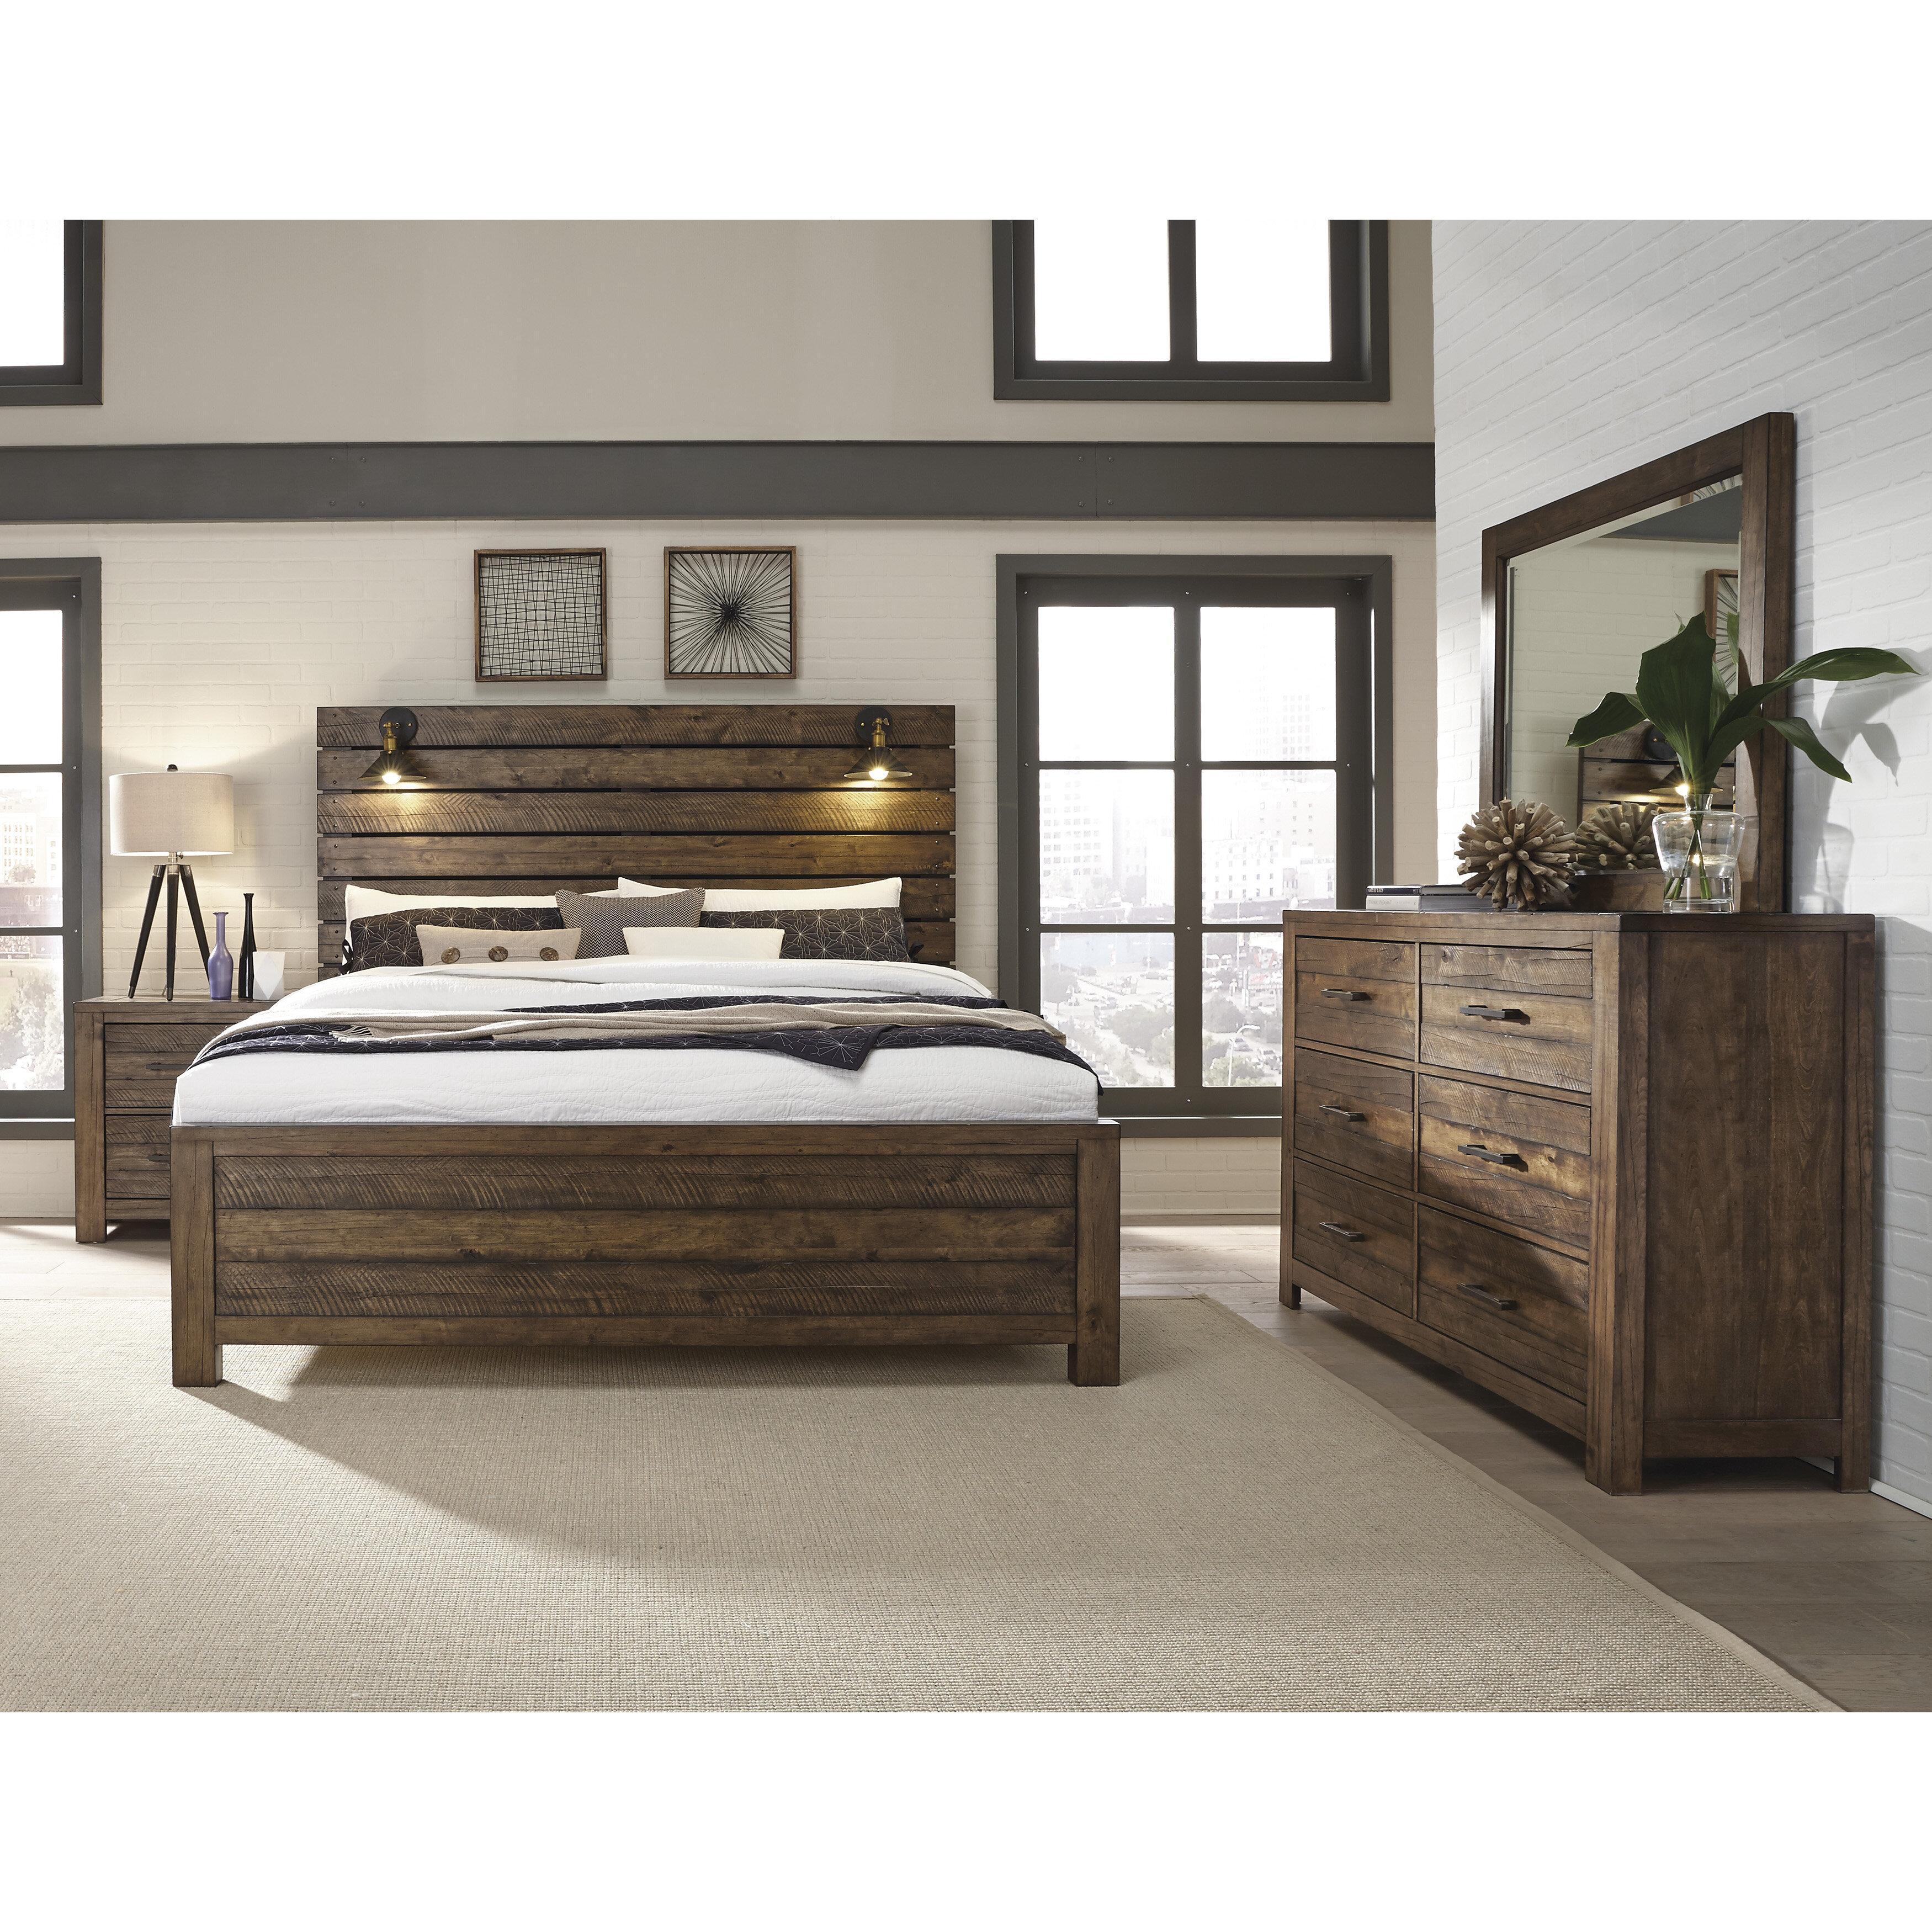 Tripp Solid Wood Standard 8 Piece Bedroom Set